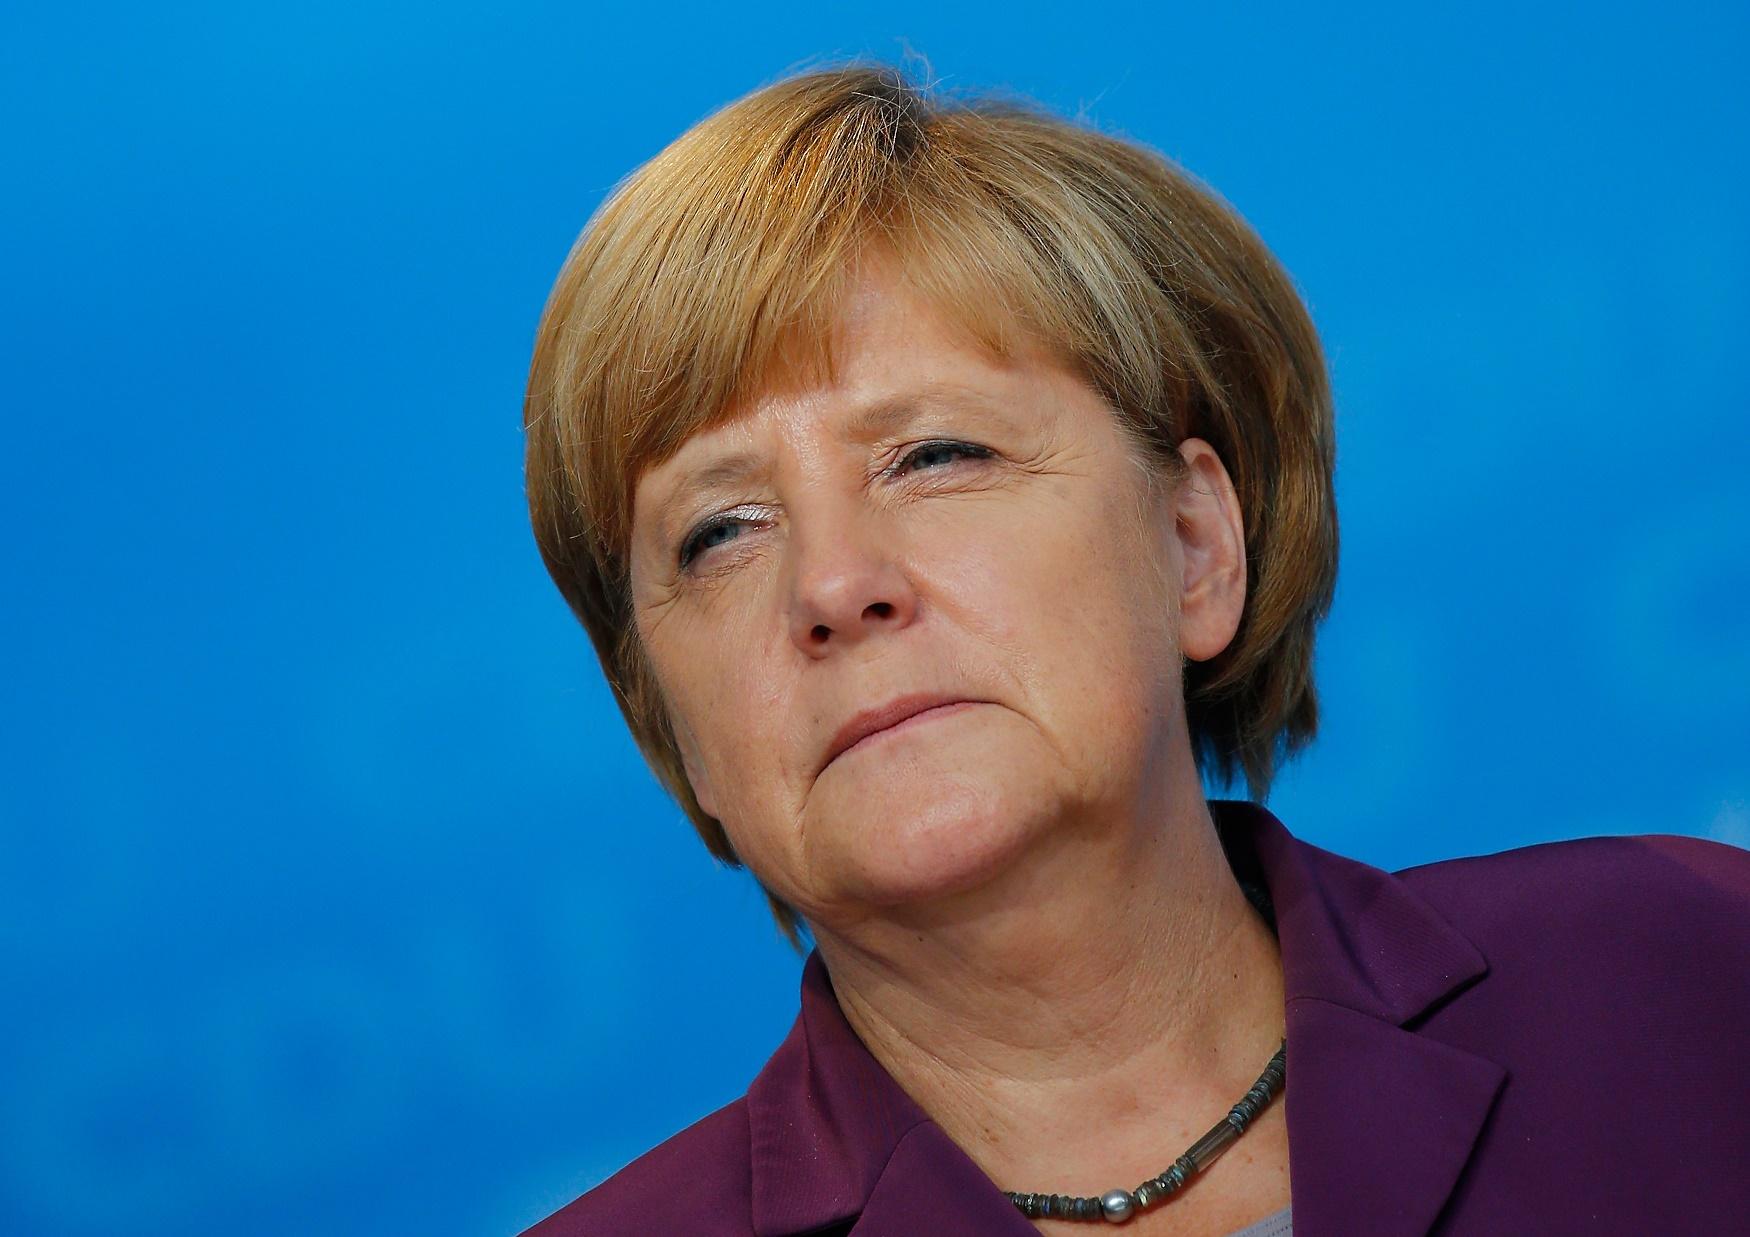 Γερμανία: Τι προβλέπει η προγραμματική συμφωνία για την κυβέρνηση